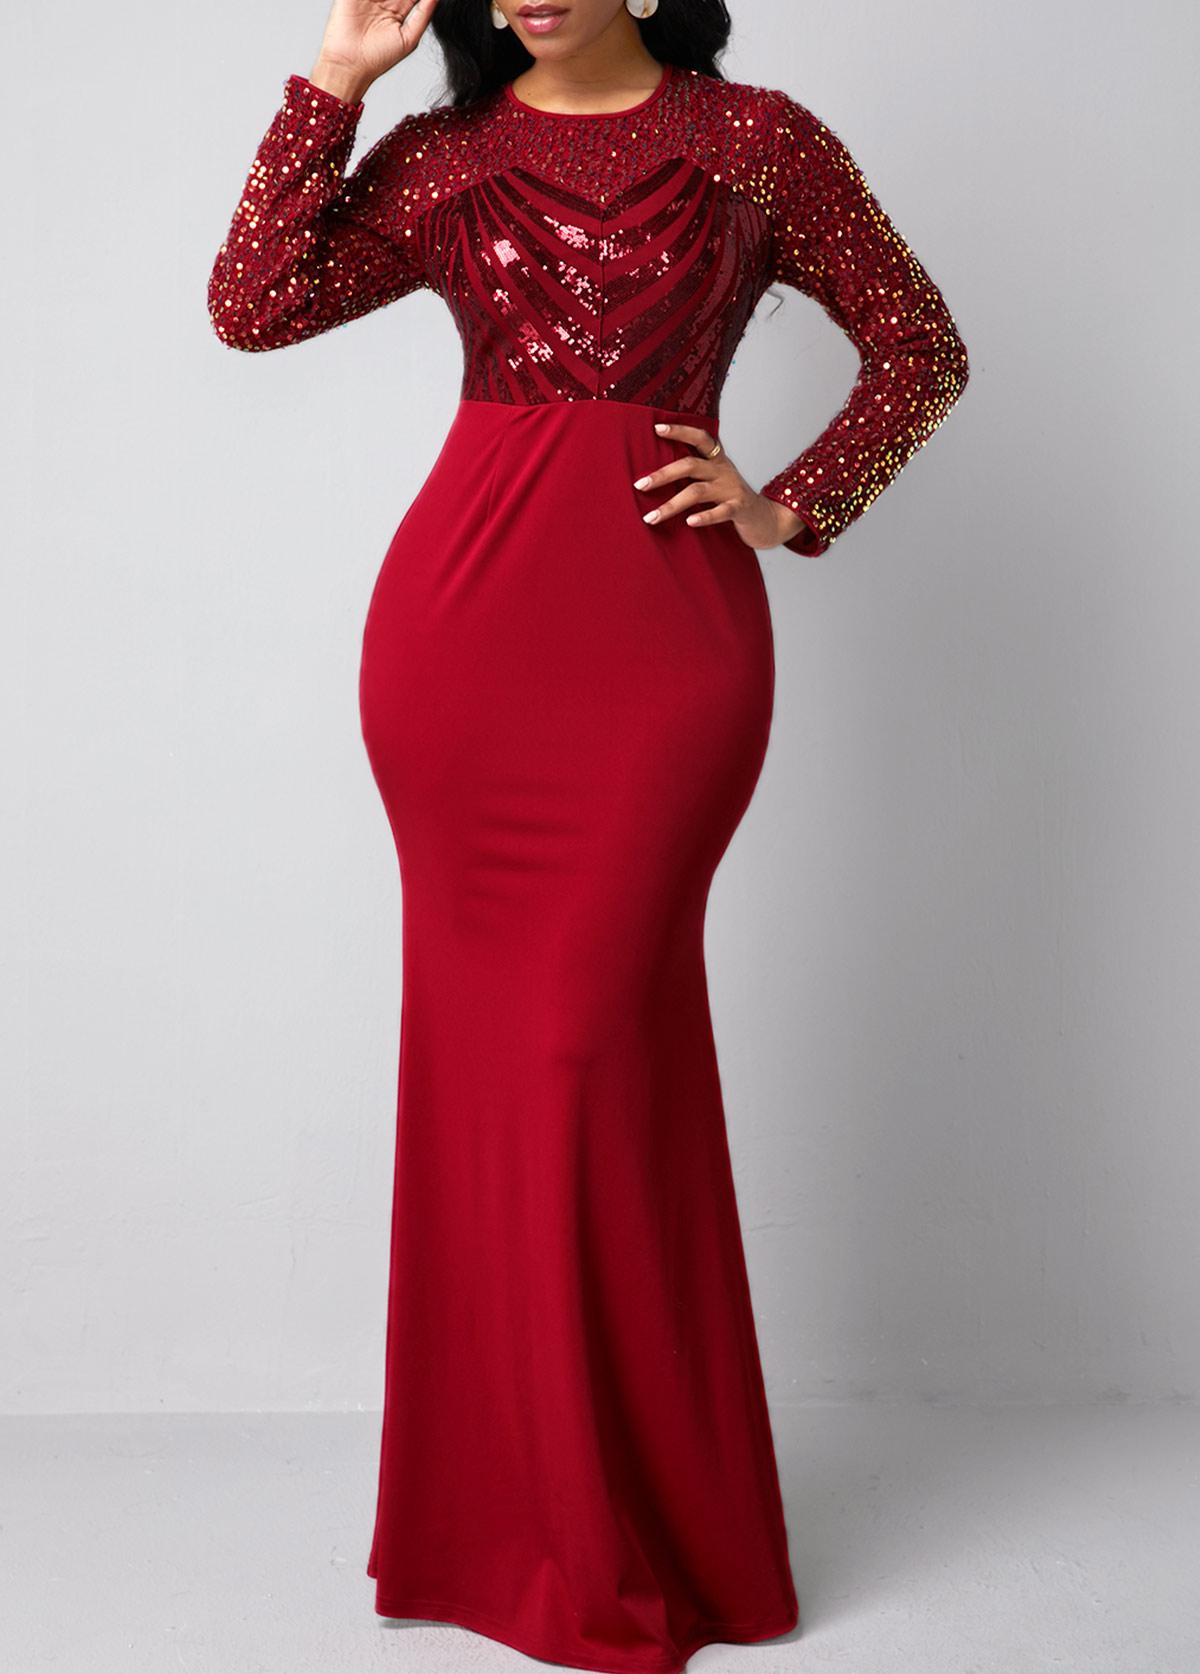 Sequin Detail Red Long Sleeve Mermaid Dress